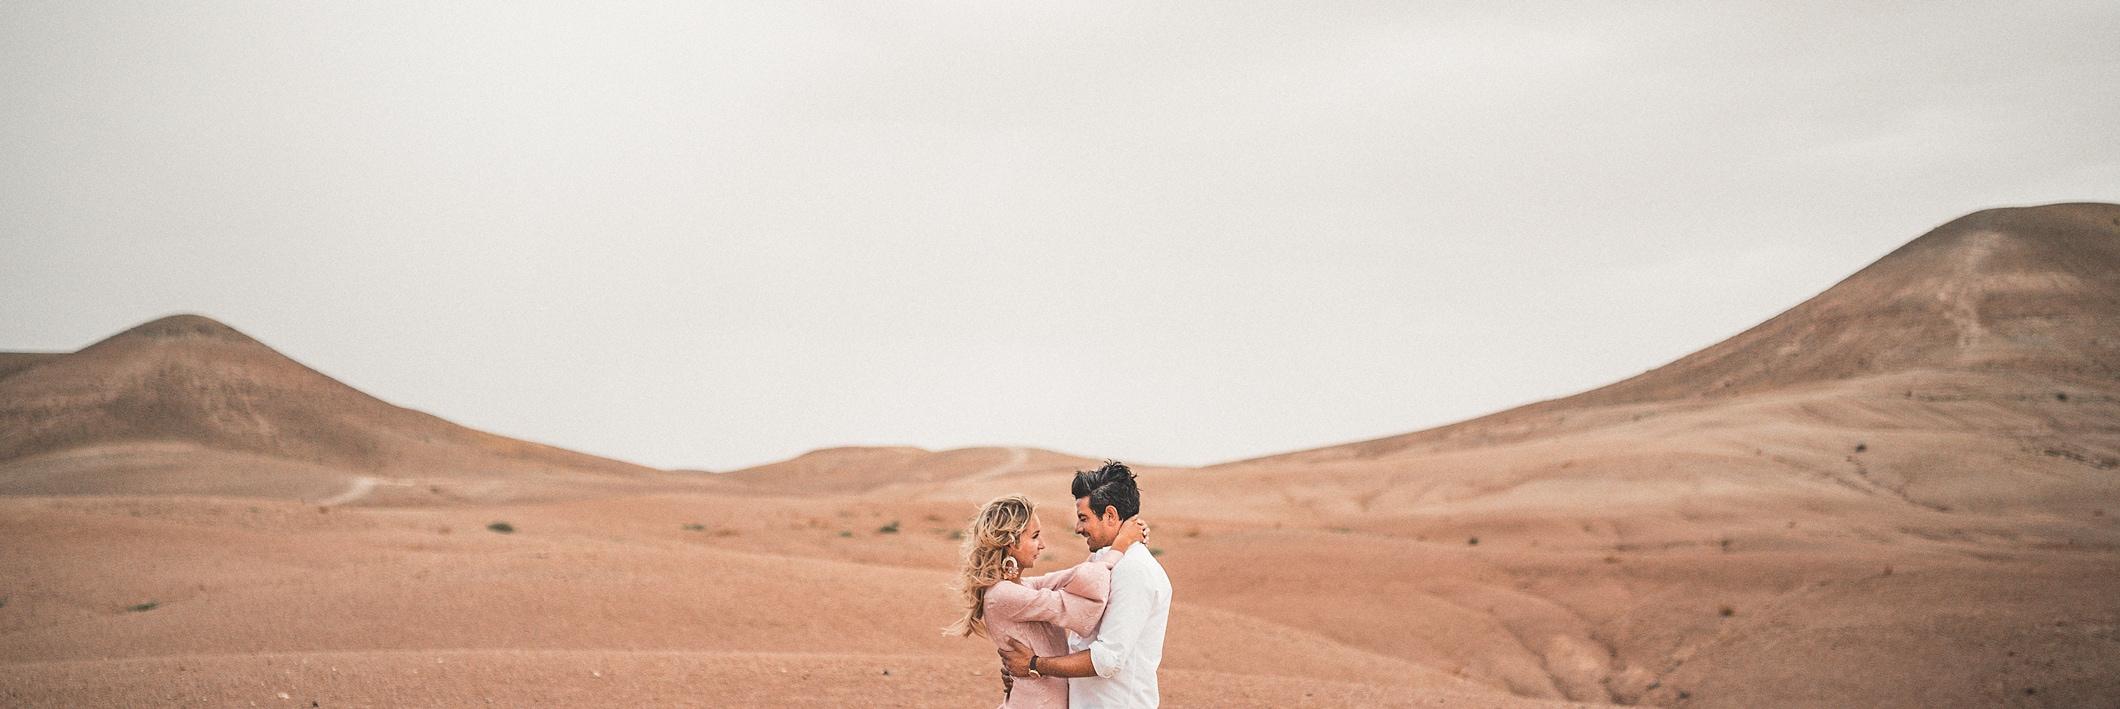 Getting-married-Beldi-Marrakech